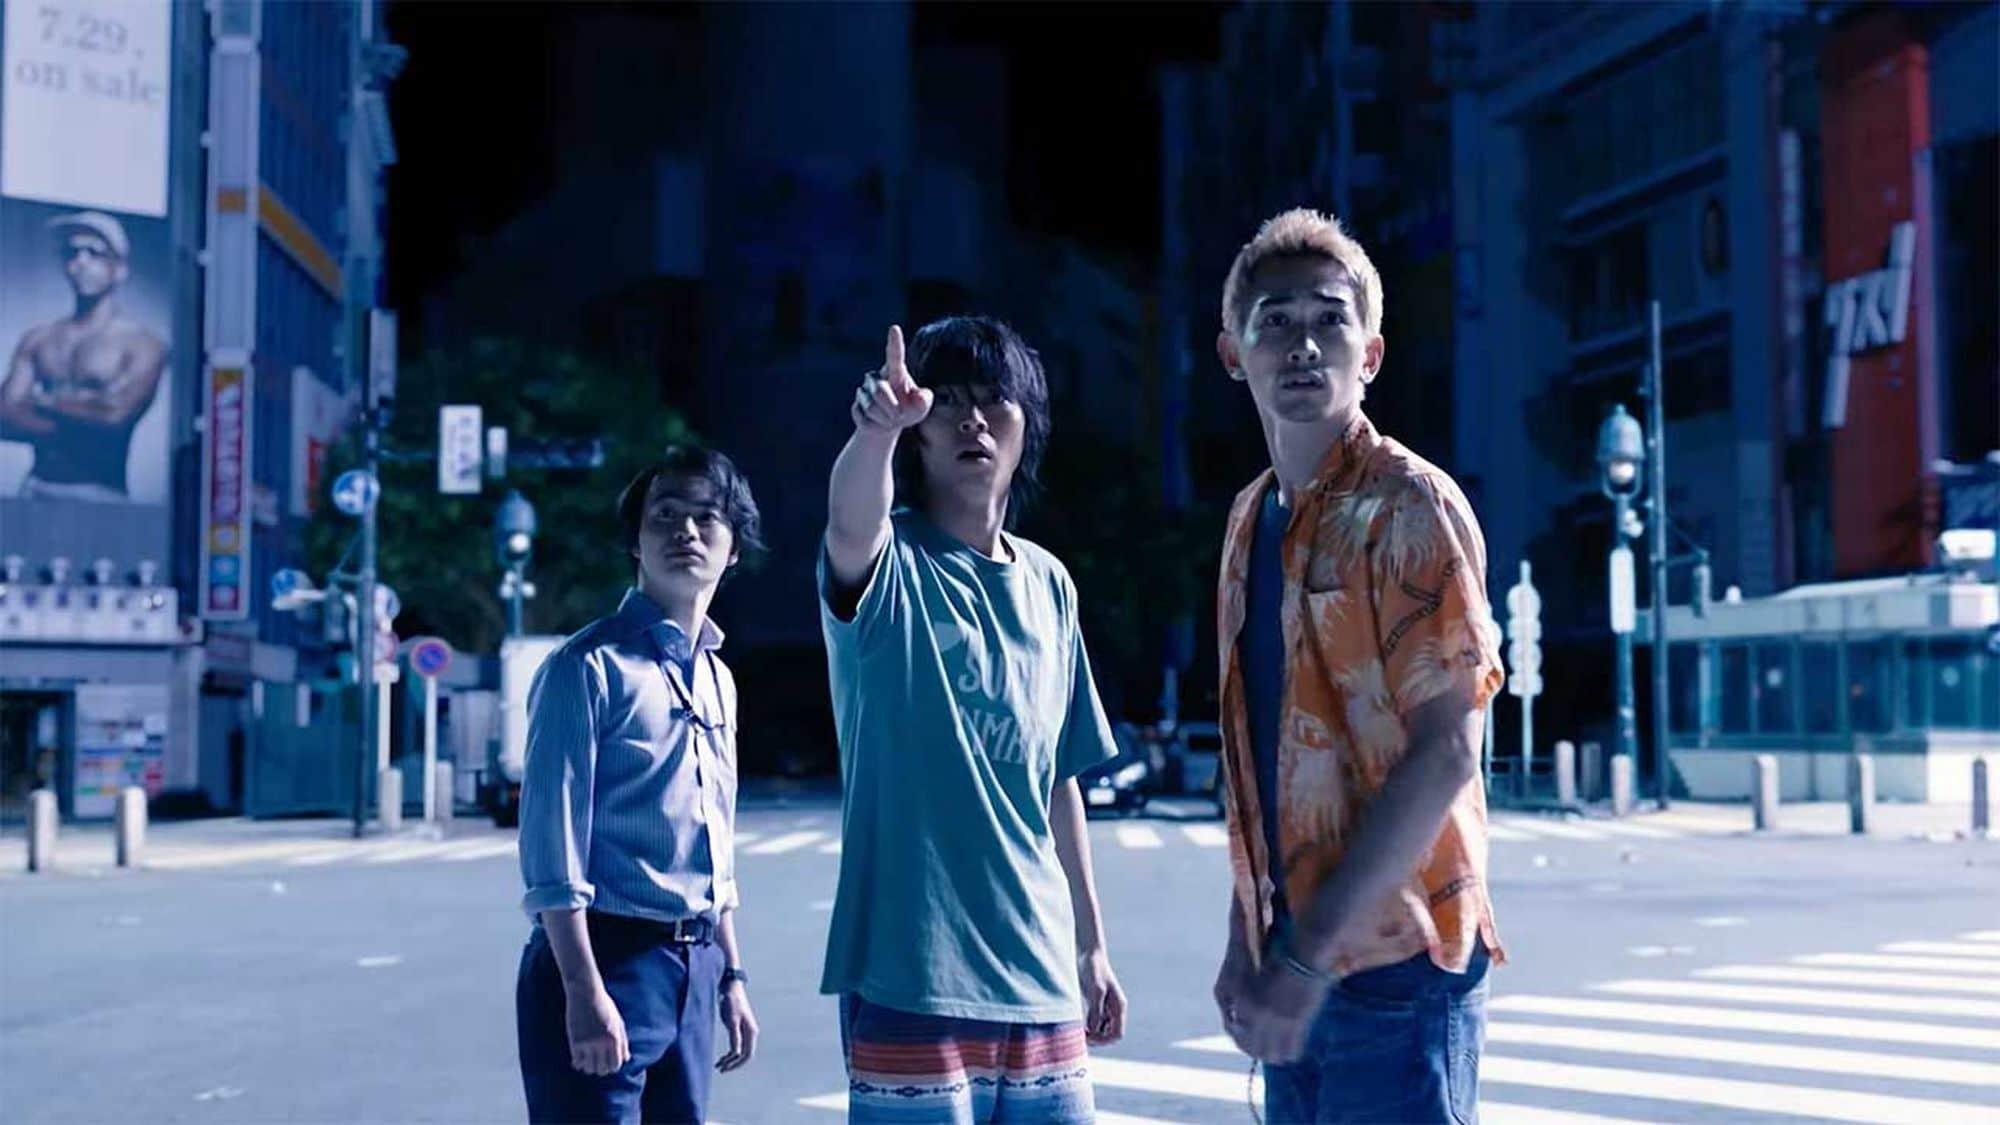 Arisu, Karube und Chota stehen nachts inmitten einer menschenleeren Kreuzung. Im Hintergrund sieht man Hochhäuser und einen Ubahneingang.